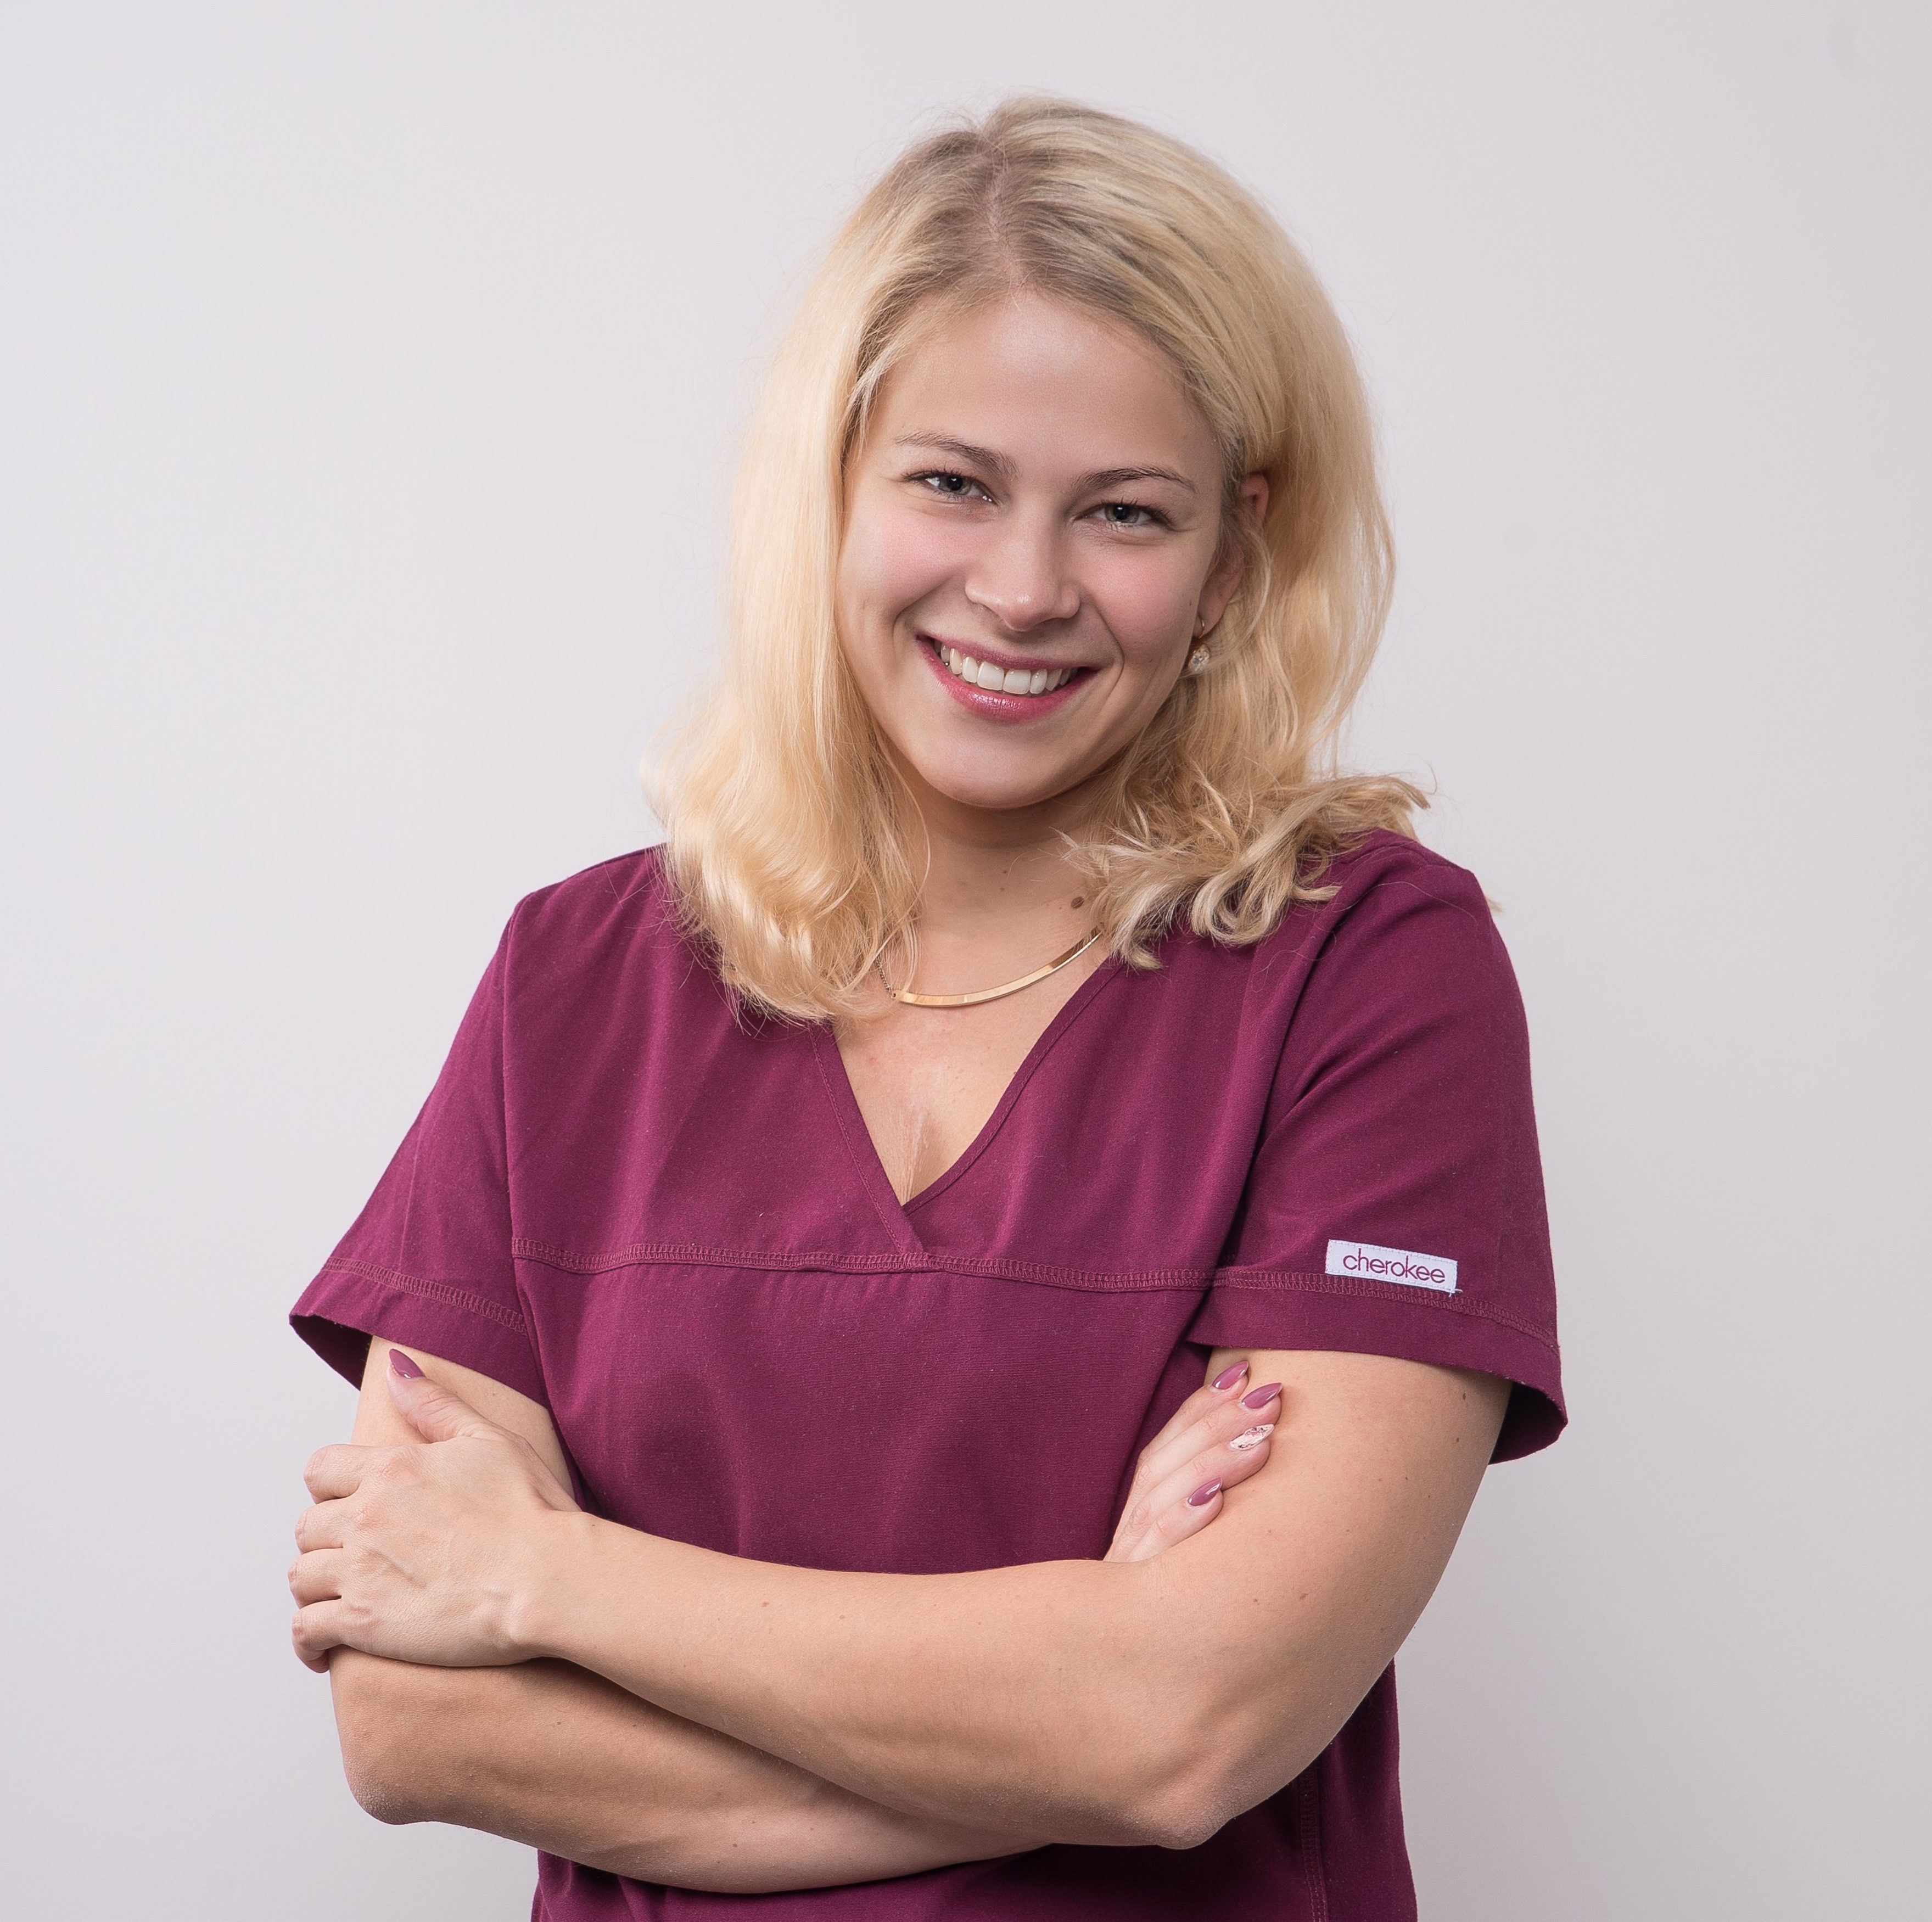 MUDr. Lenka Rybánska, PhD., MPH